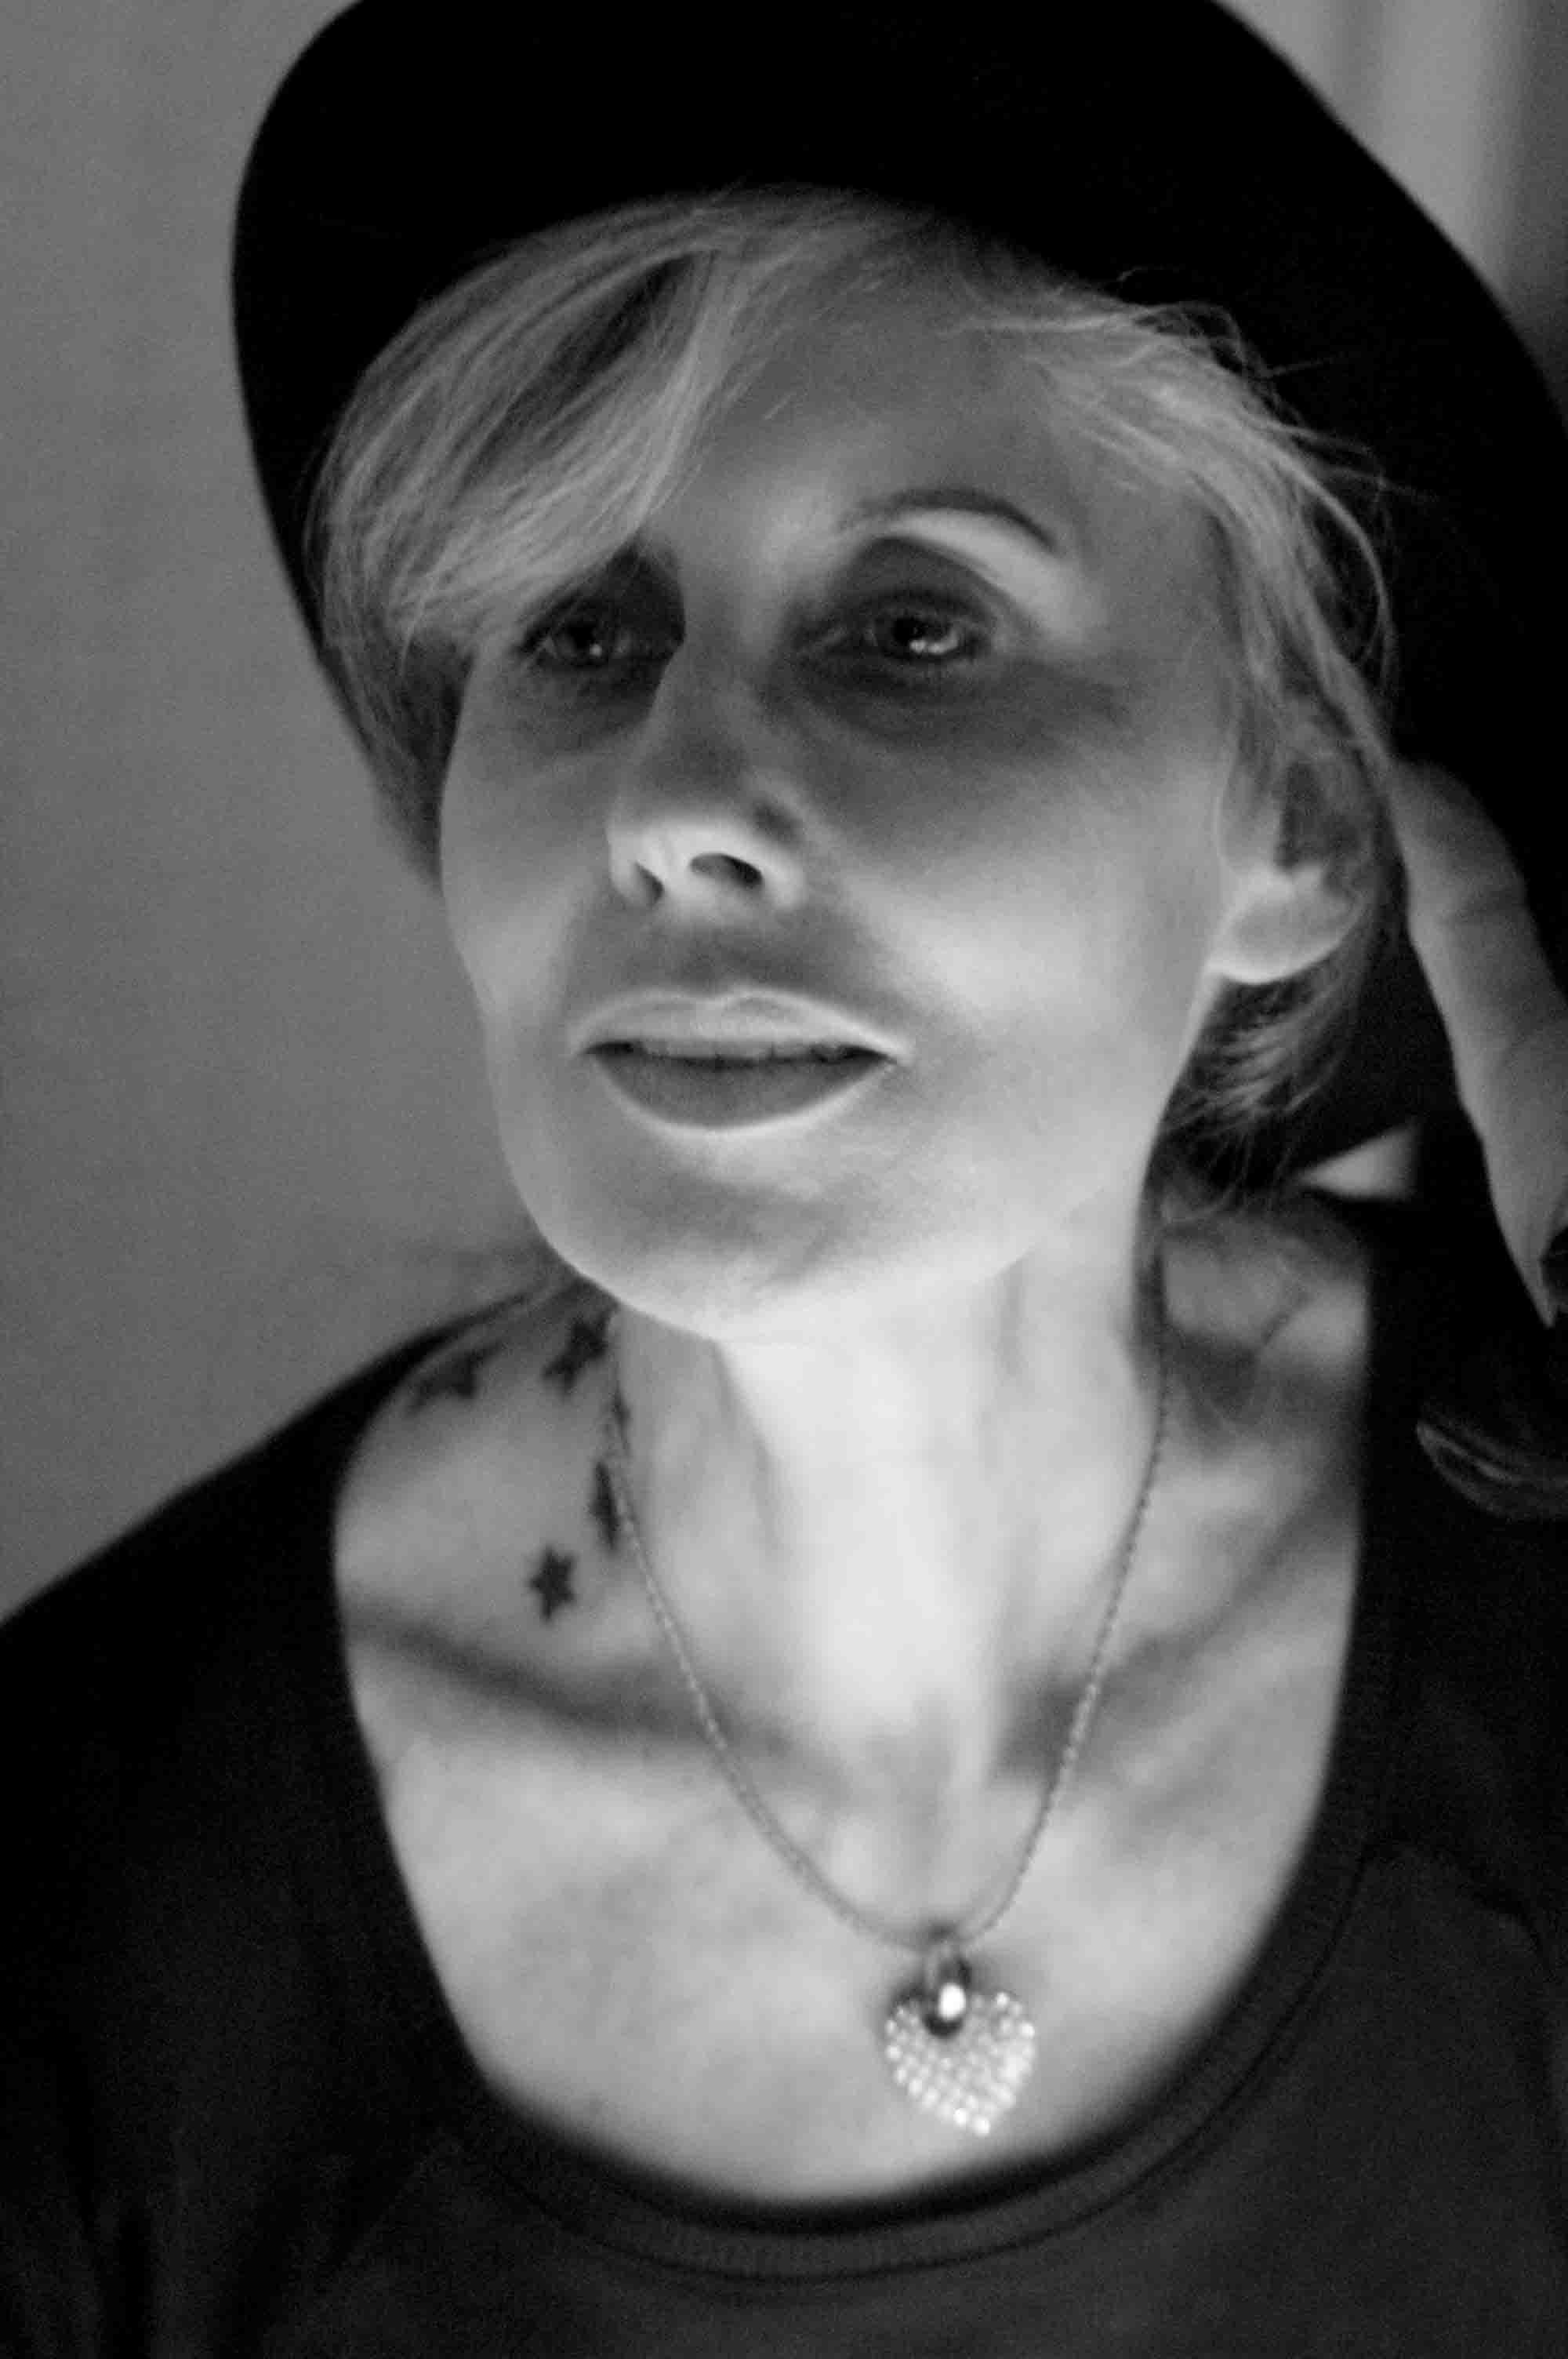 Héloïse Cerboneschi